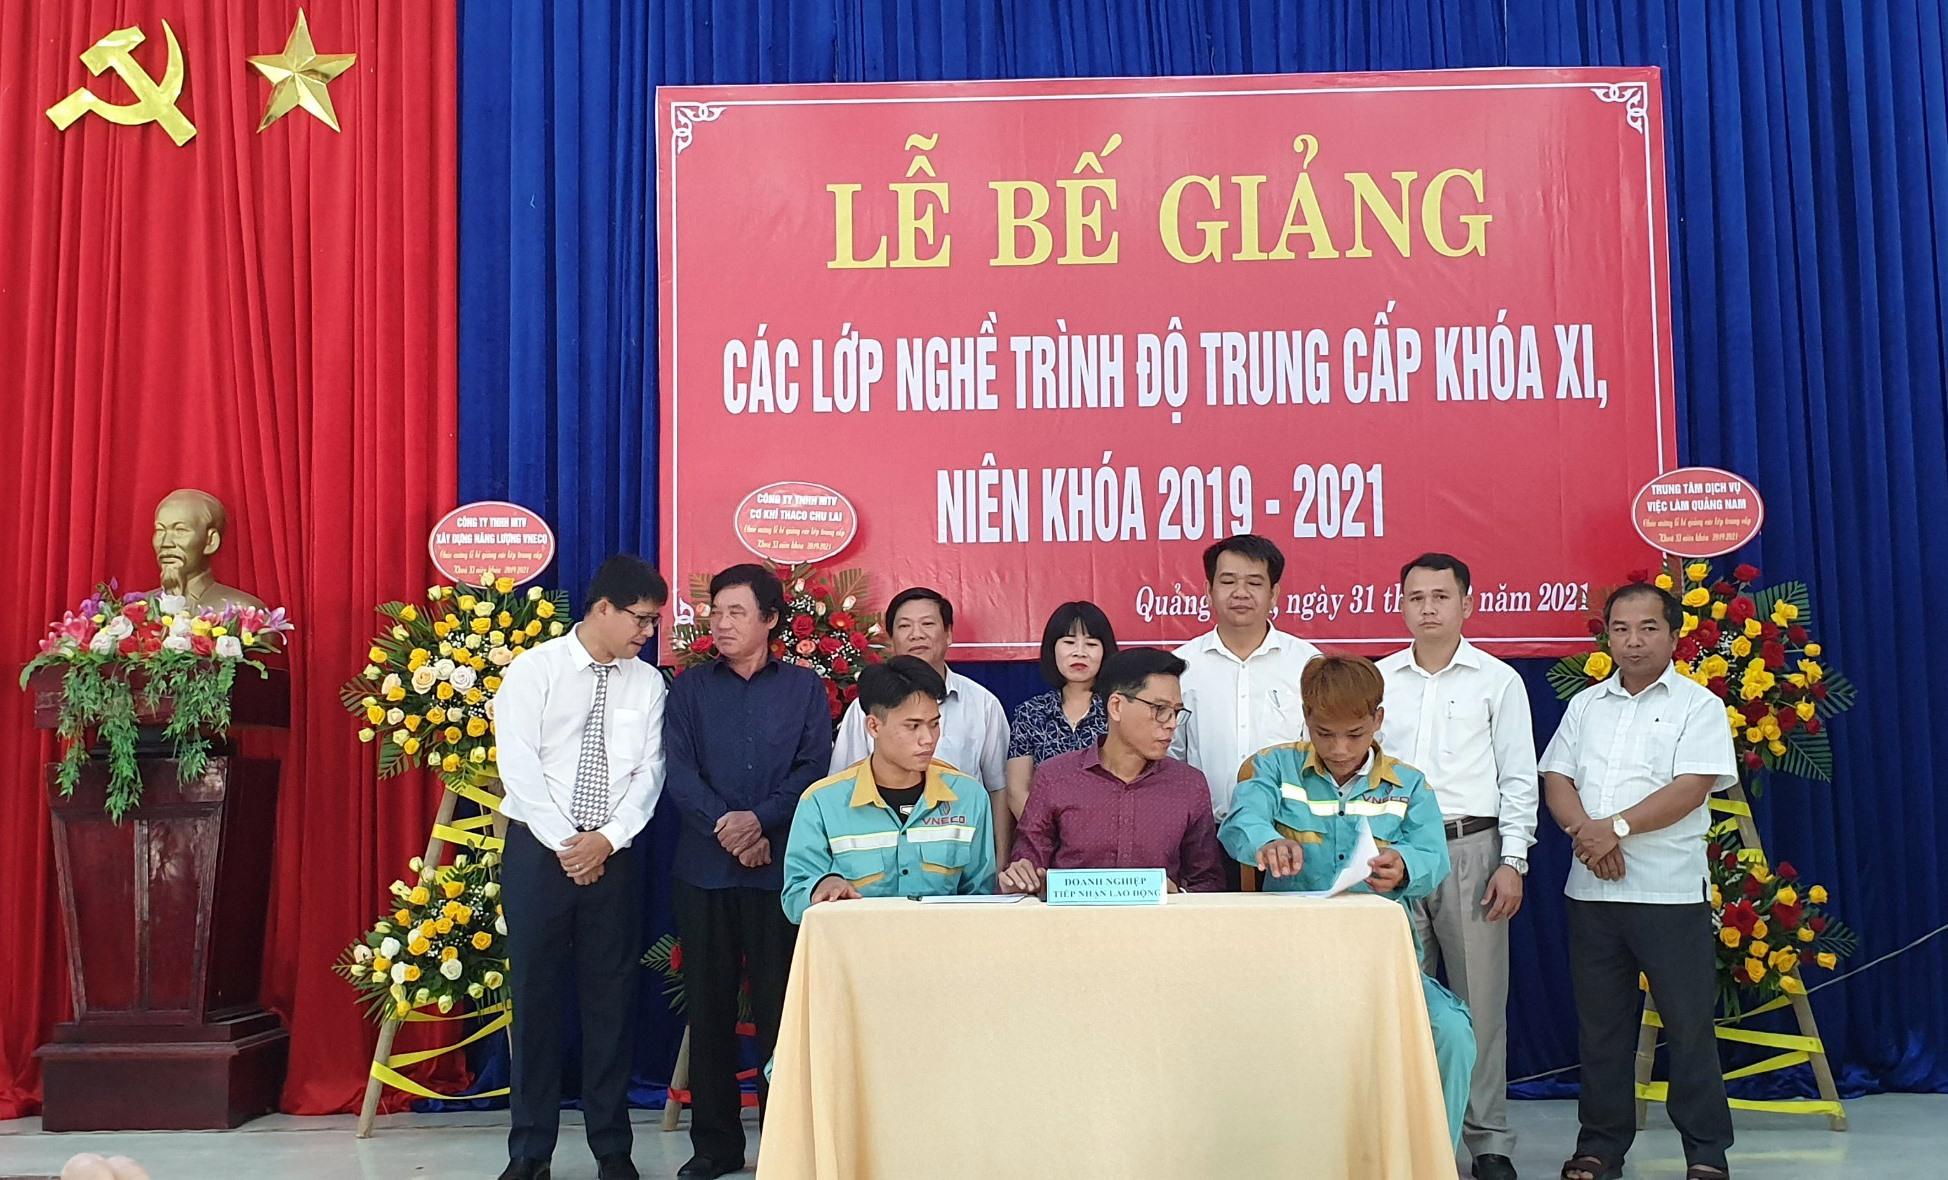 Tổng Công ty CP Xây dựng điện Việt Nam ký kết hợp đồng lao động trực tiếp với lao động ngay tại lễ ra trường trước sự chứng kiến của lãnh đạo địa phương và nhà trường. Ảnh: D.L